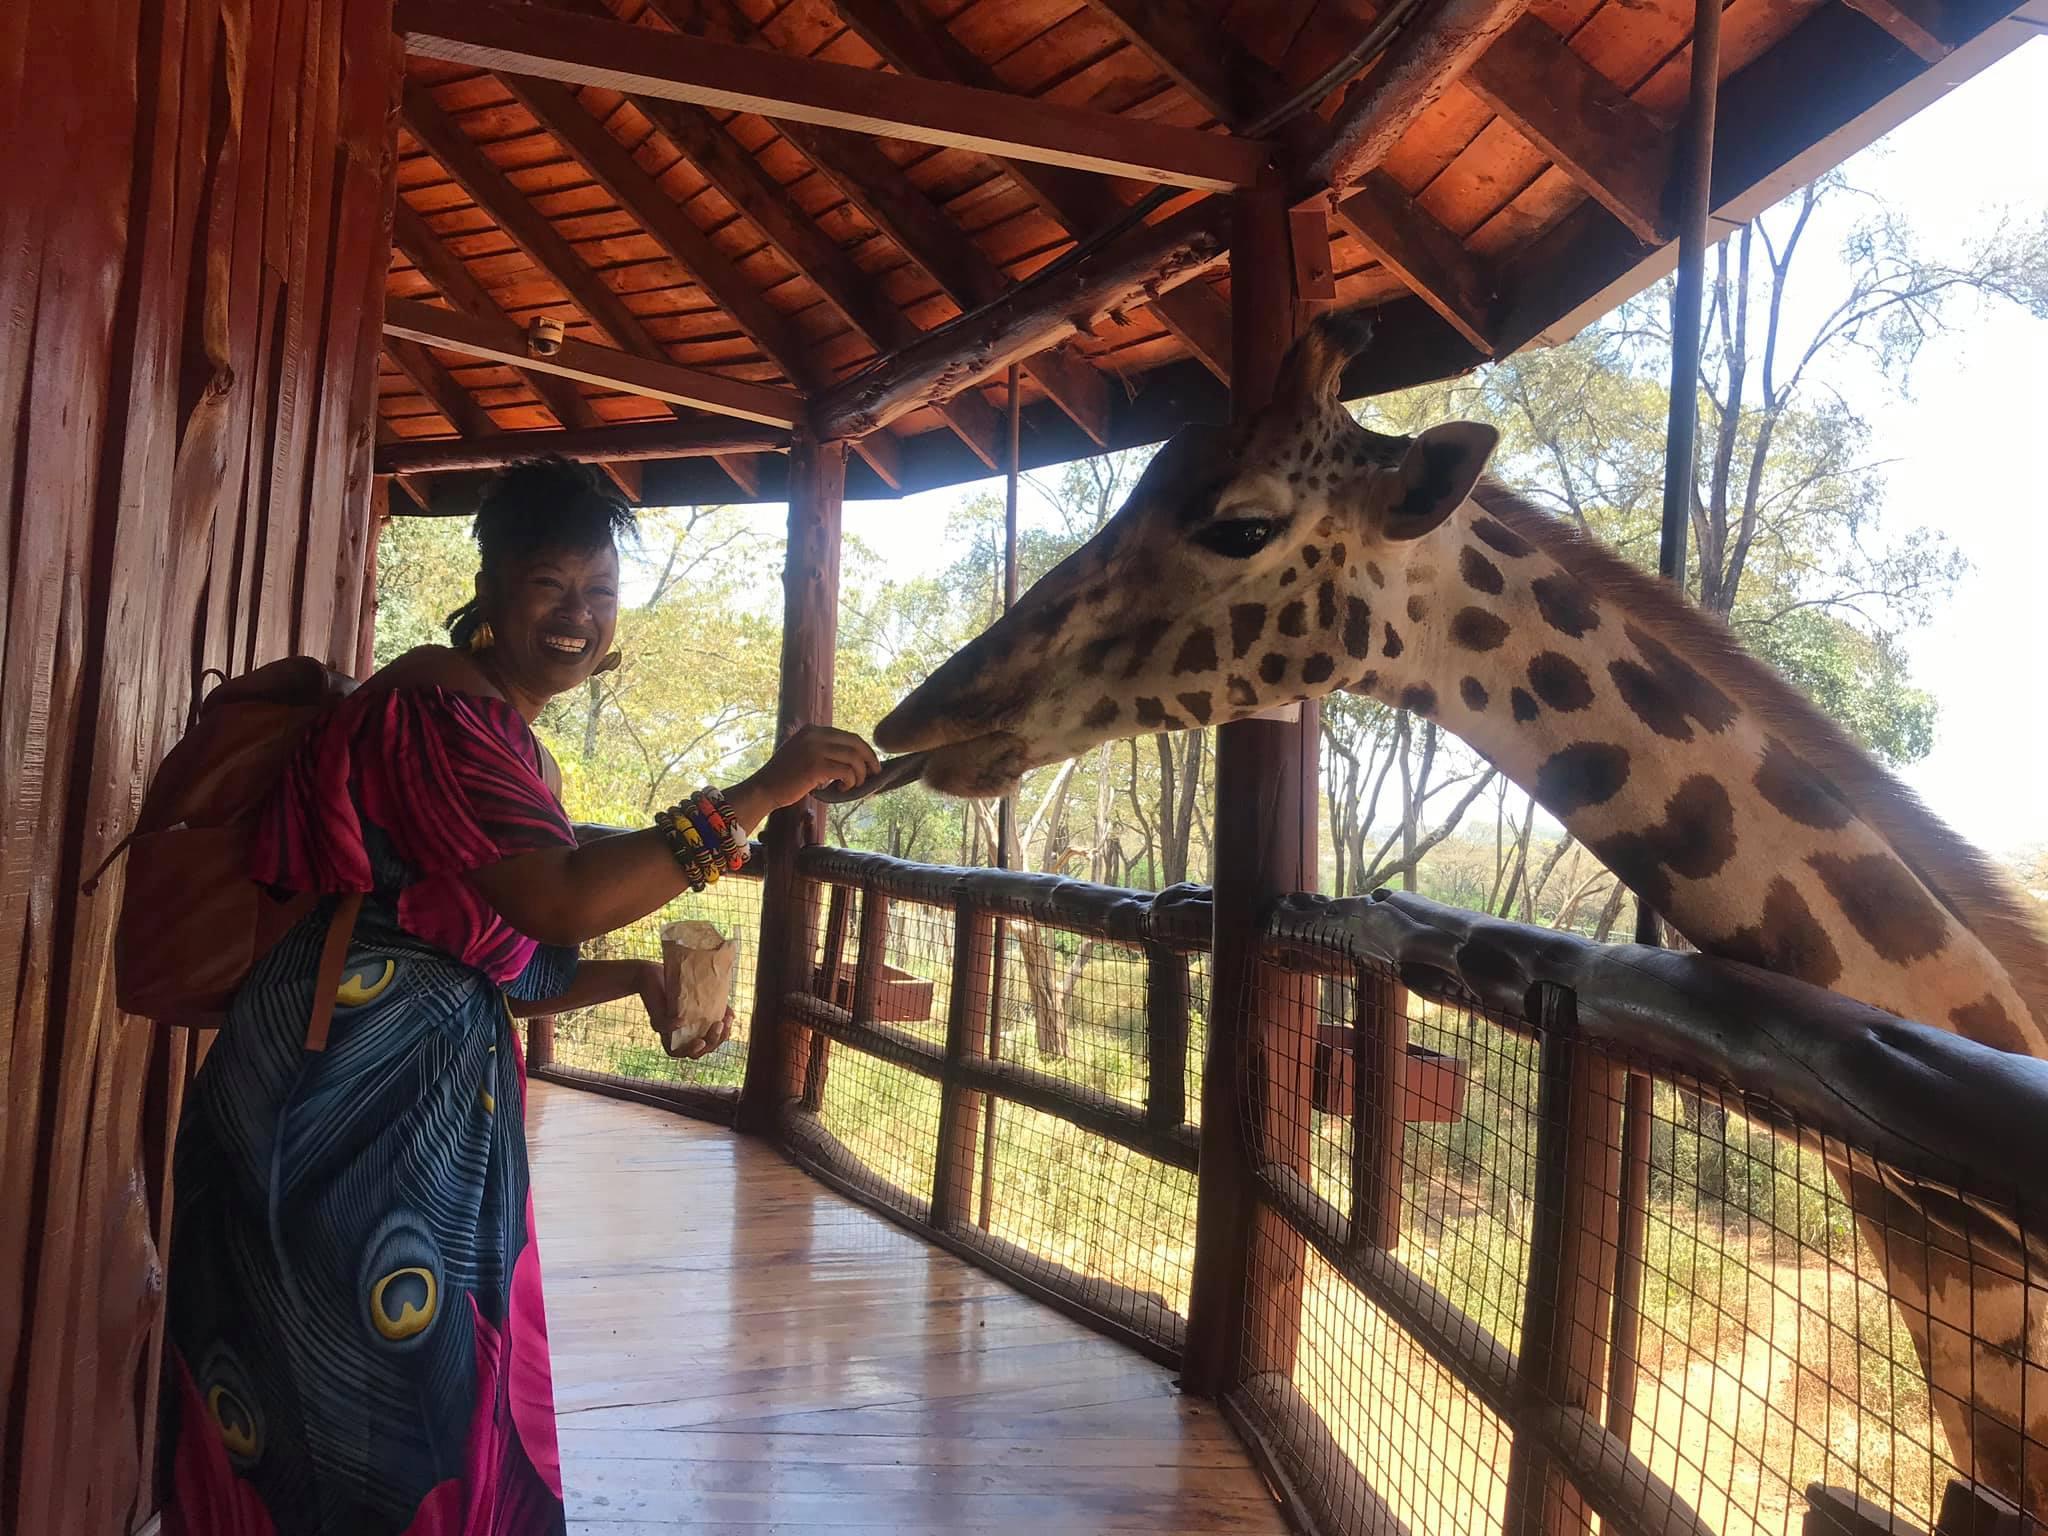 feeding Salma again at Giraffe Center